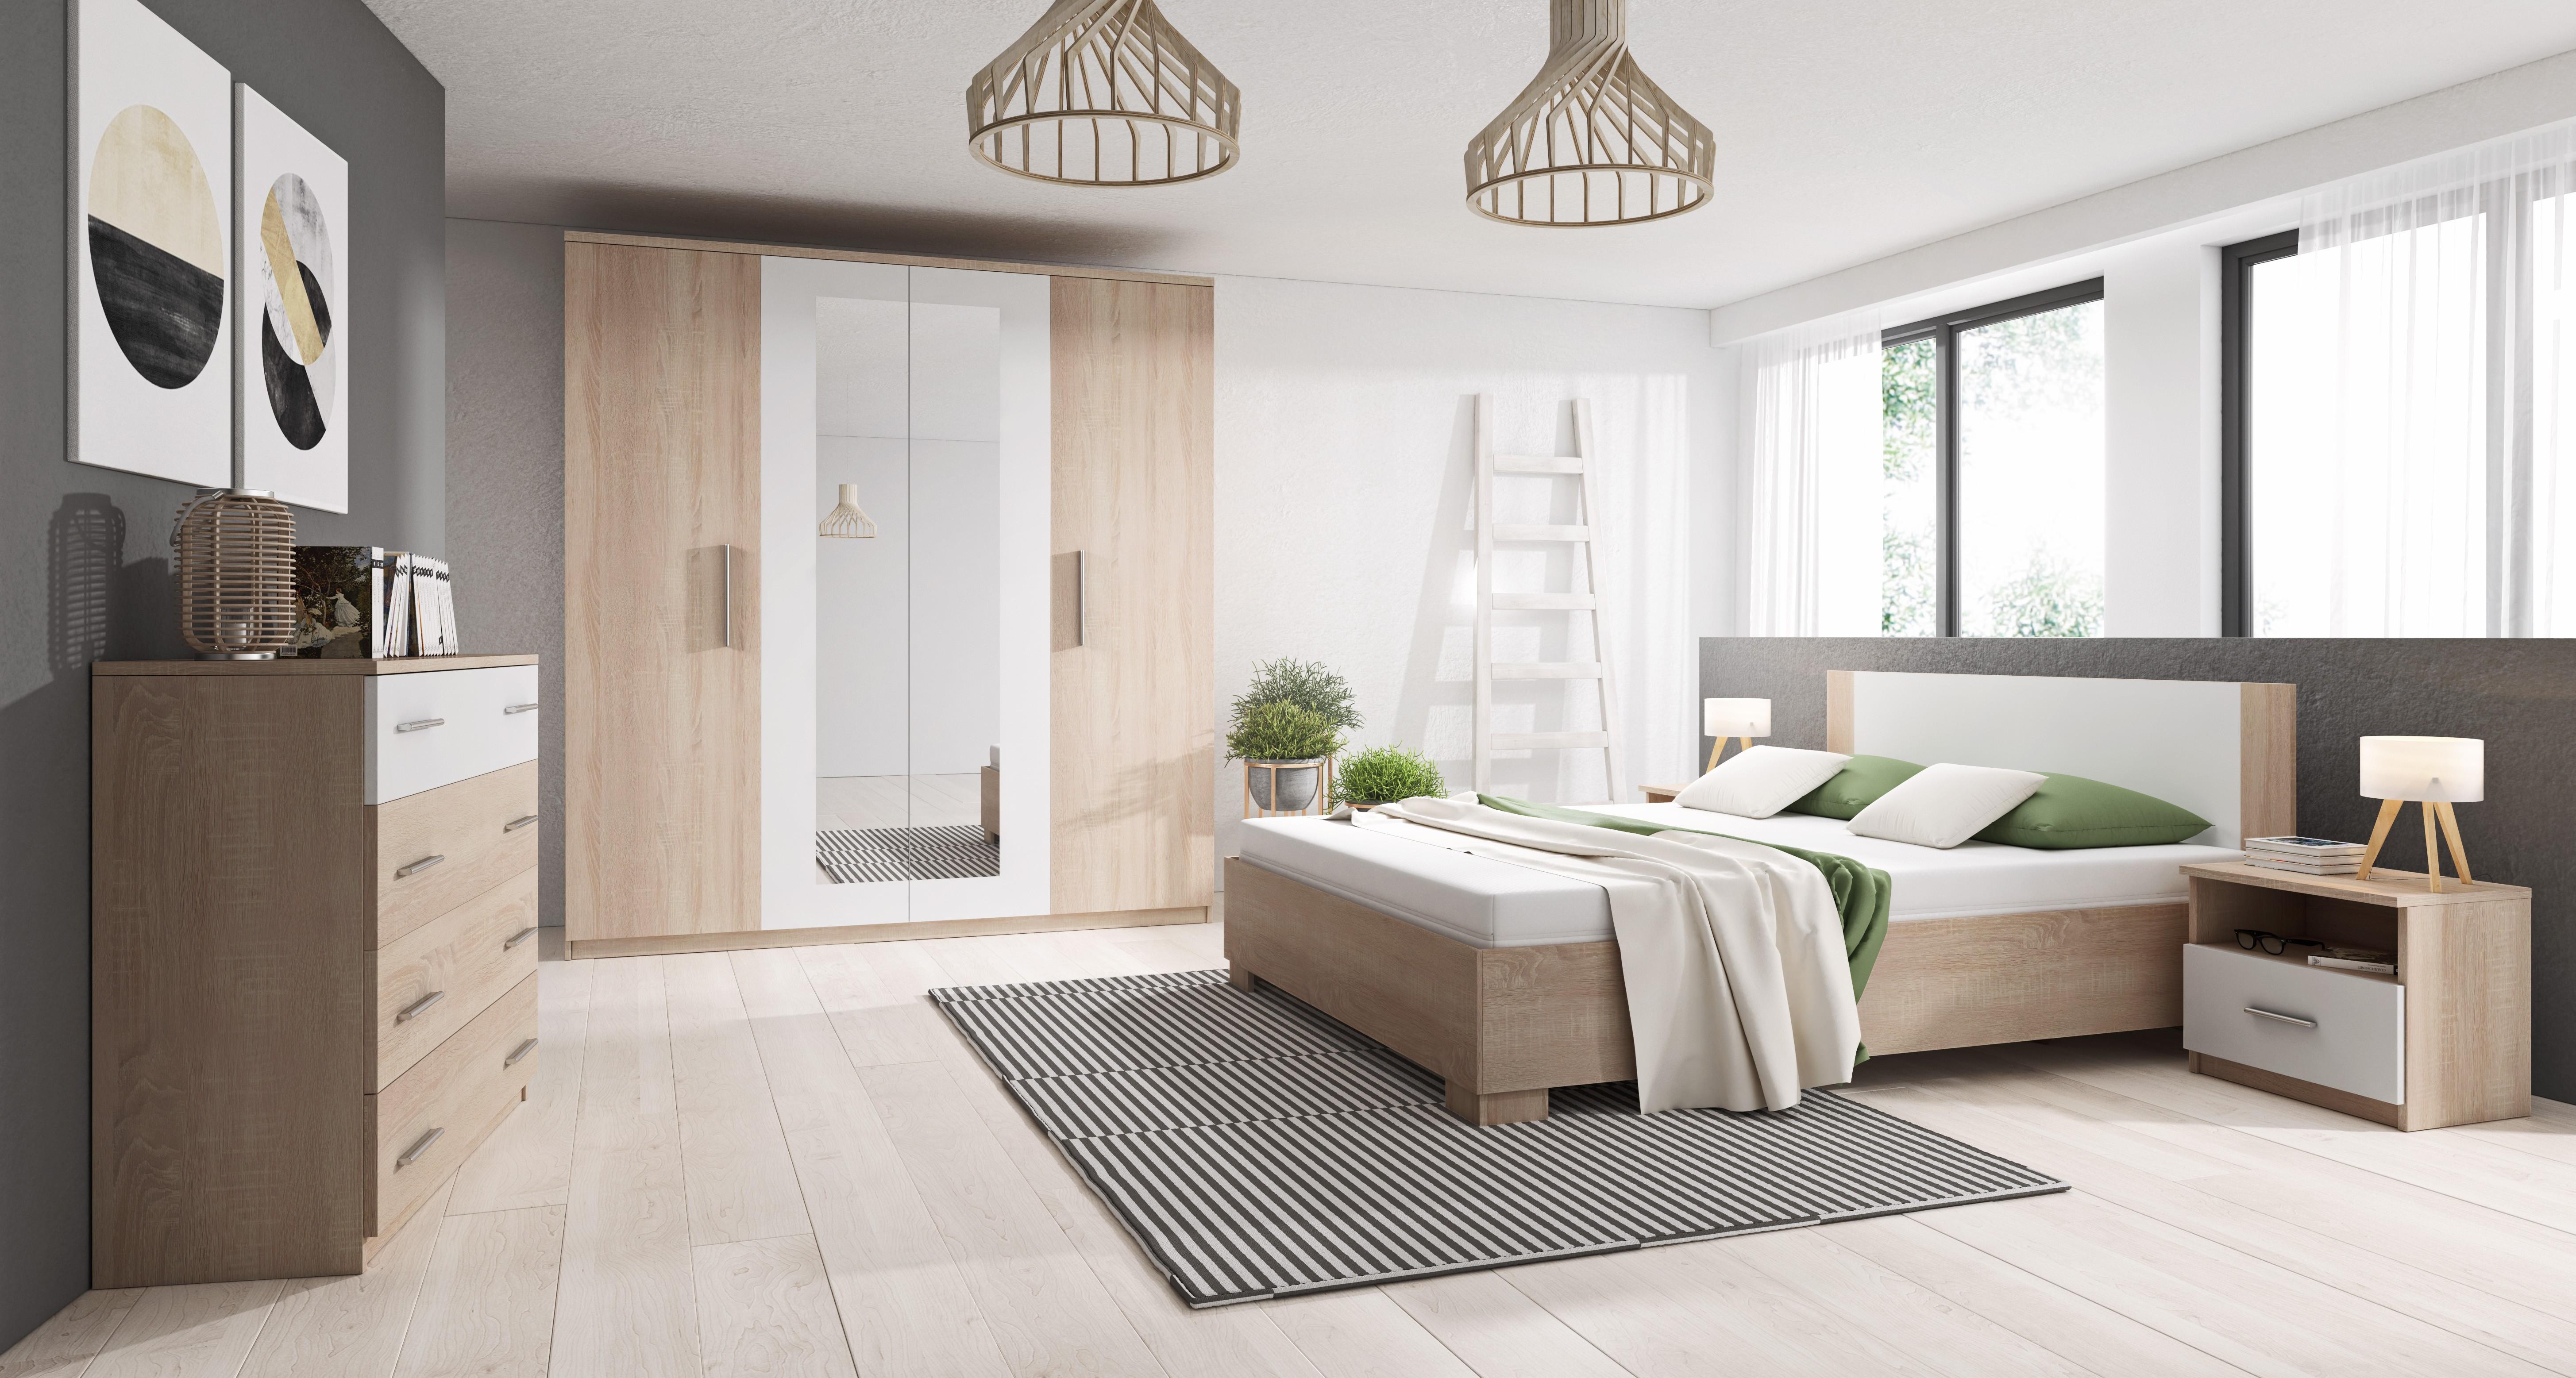 Chambre à coucher complète MARCO bois et blanc à moins de 400 euros